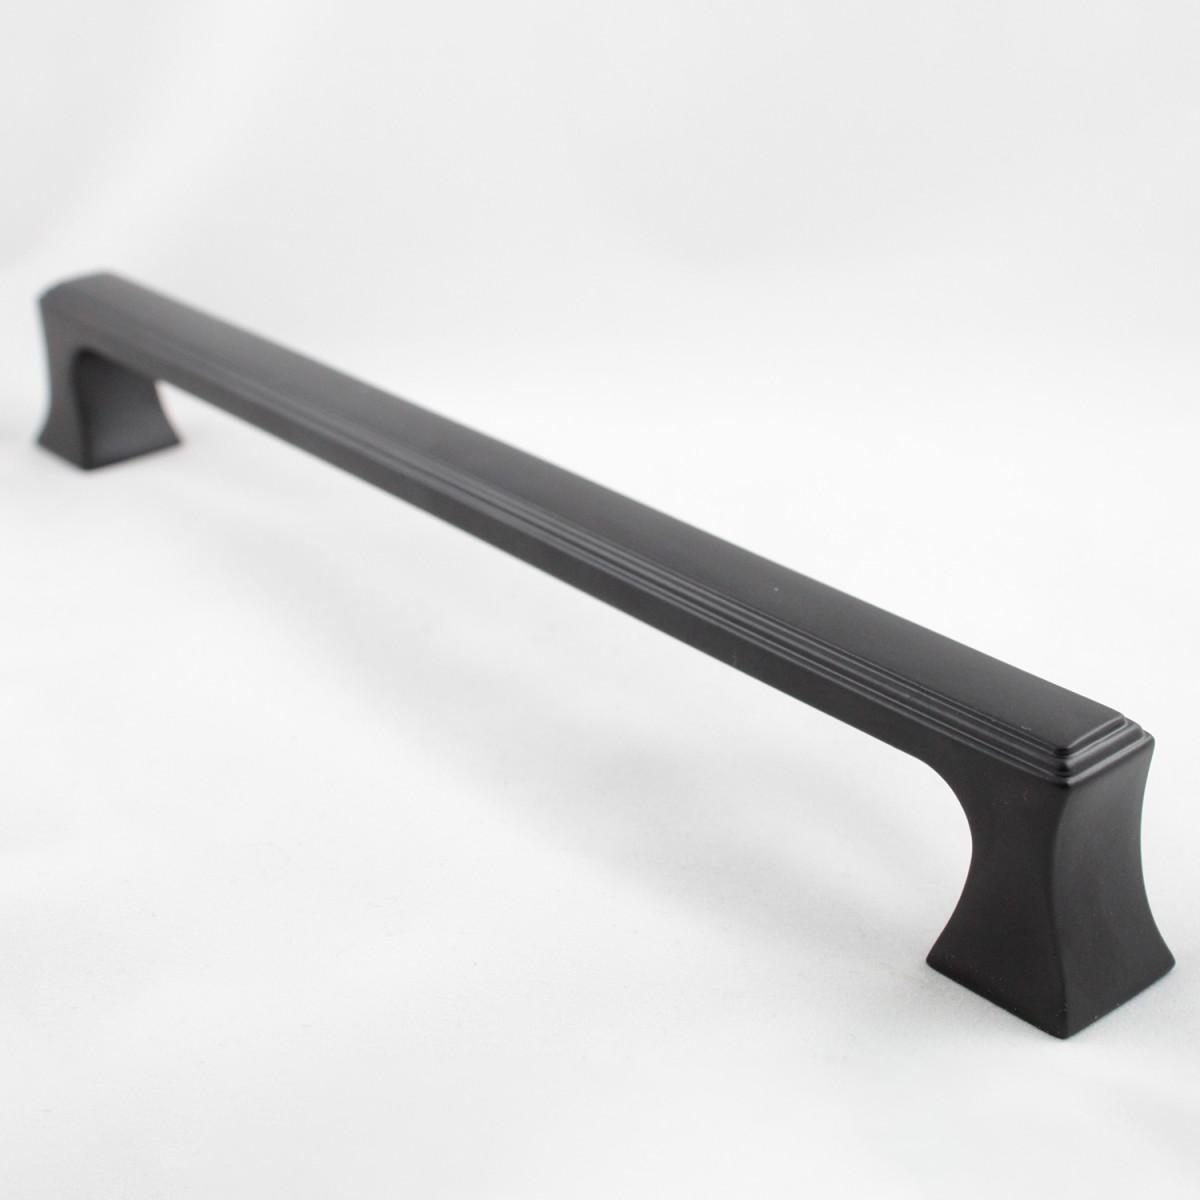 Ручка-Скоба Modda 320 Латунь Черный Troya-890-04-320